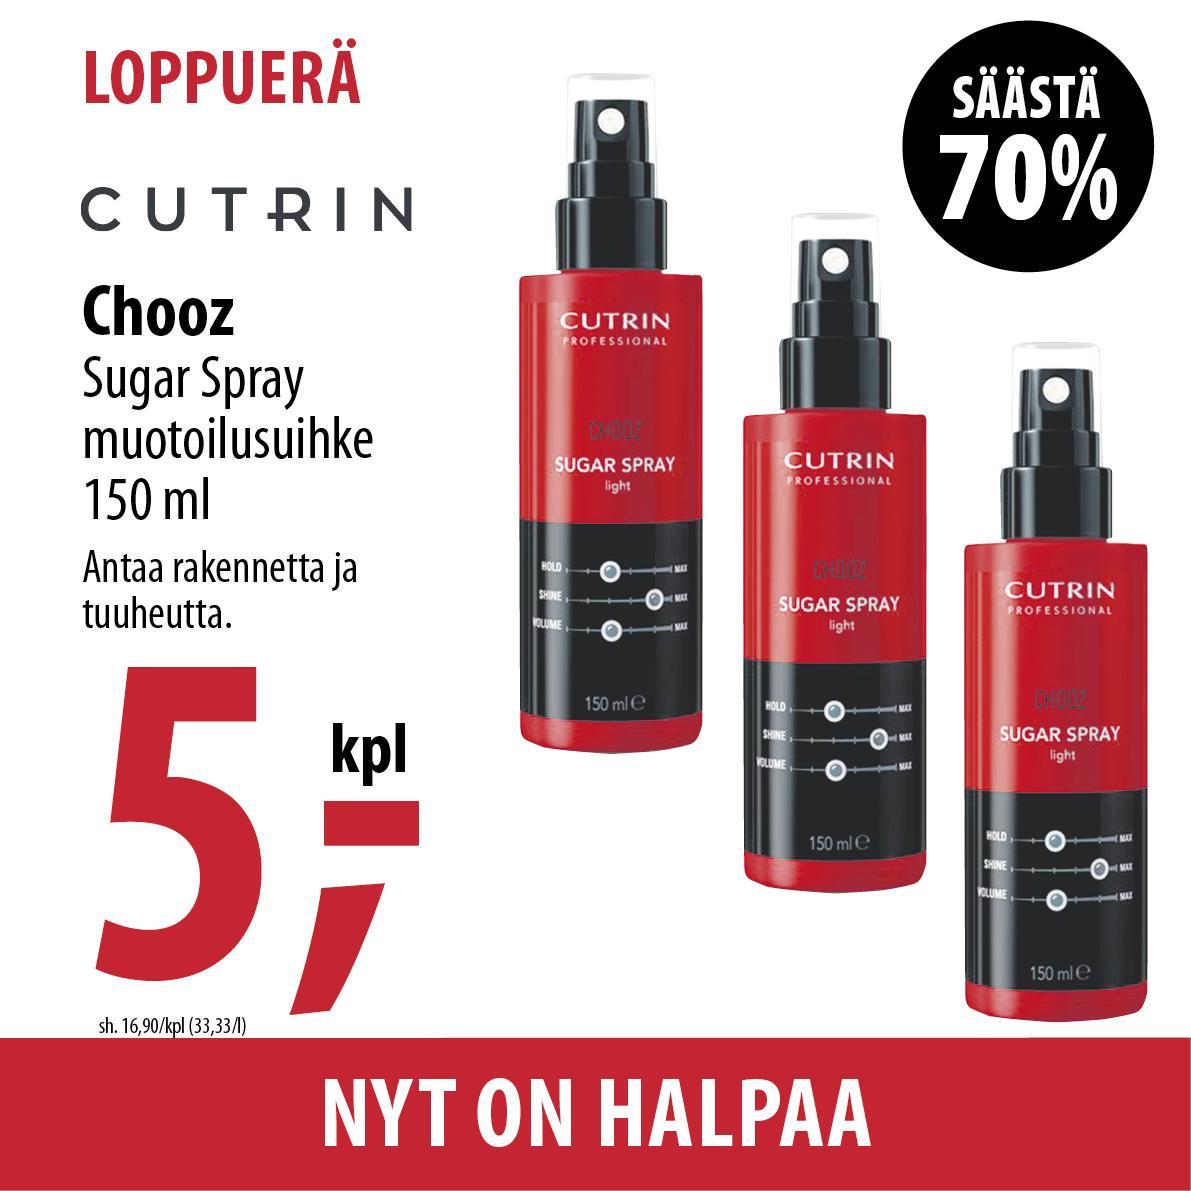 Cutrin Chooz Sugar Spray 500 420x420